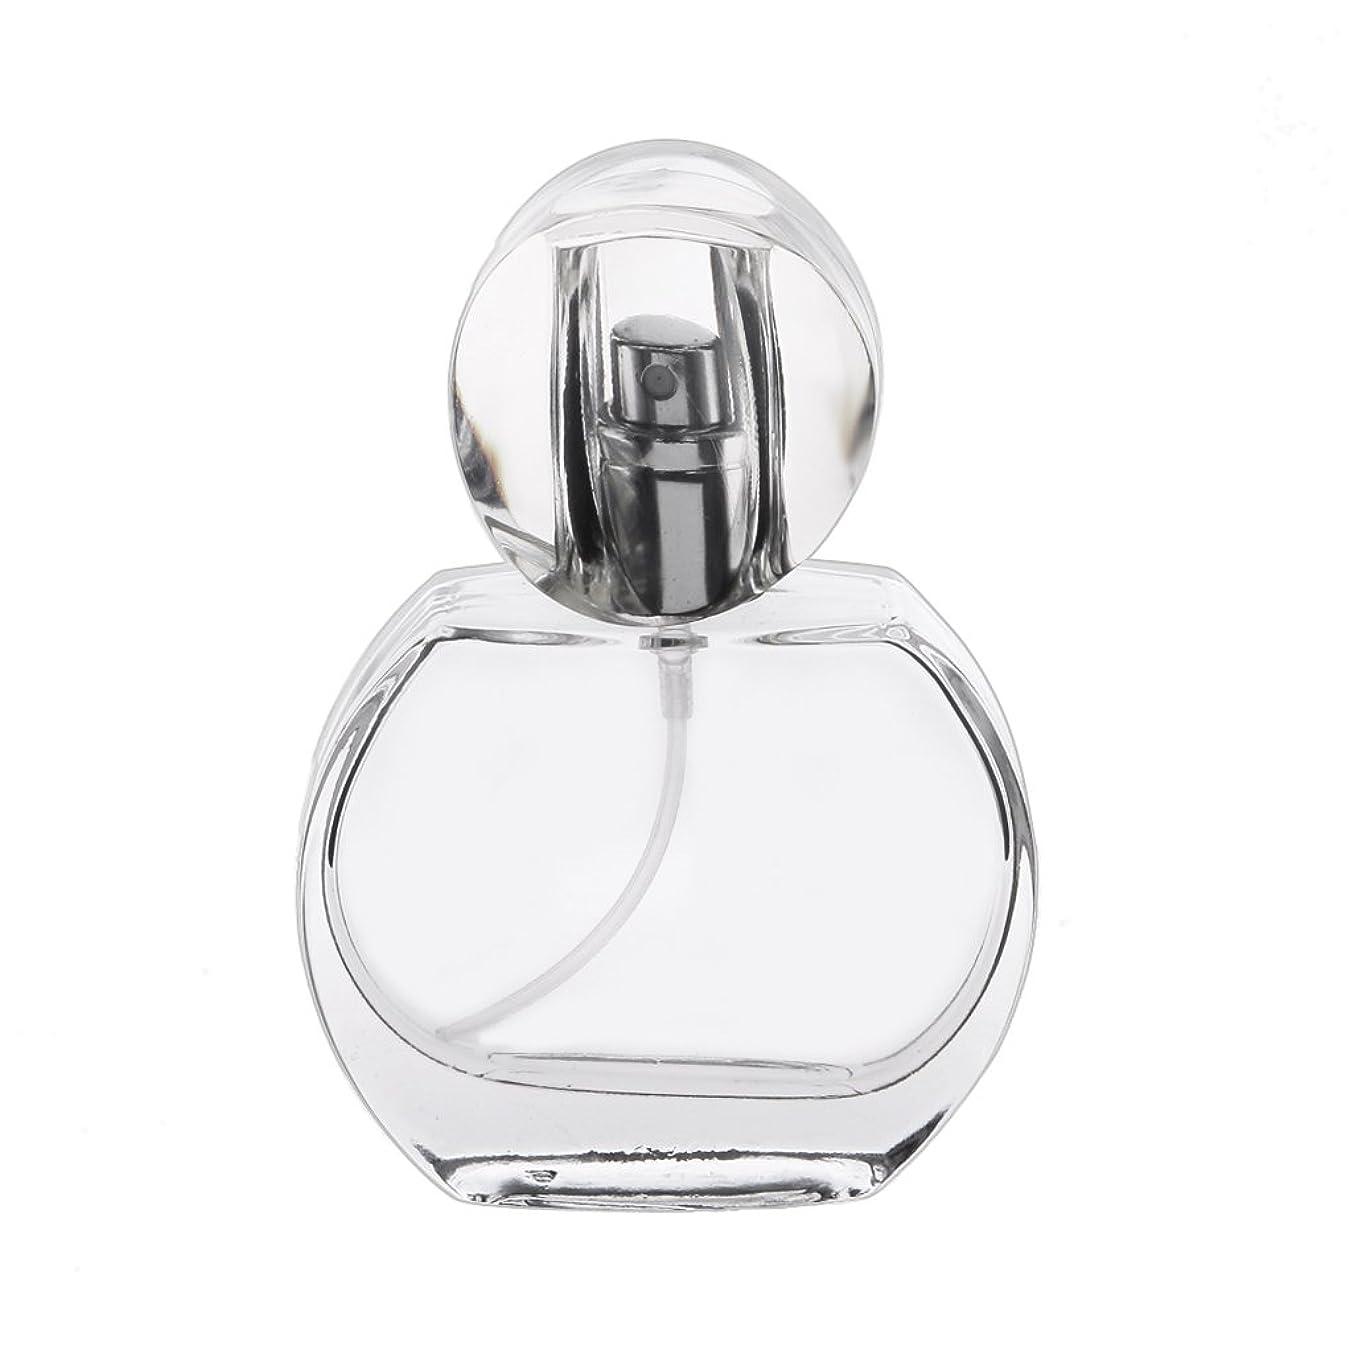 懐疑論コックヨーグルトSONONIA  30ml クリスタル エンプティ 空 香水瓶 スプレーボトル アトマイザー 詰め替え 携帯便利